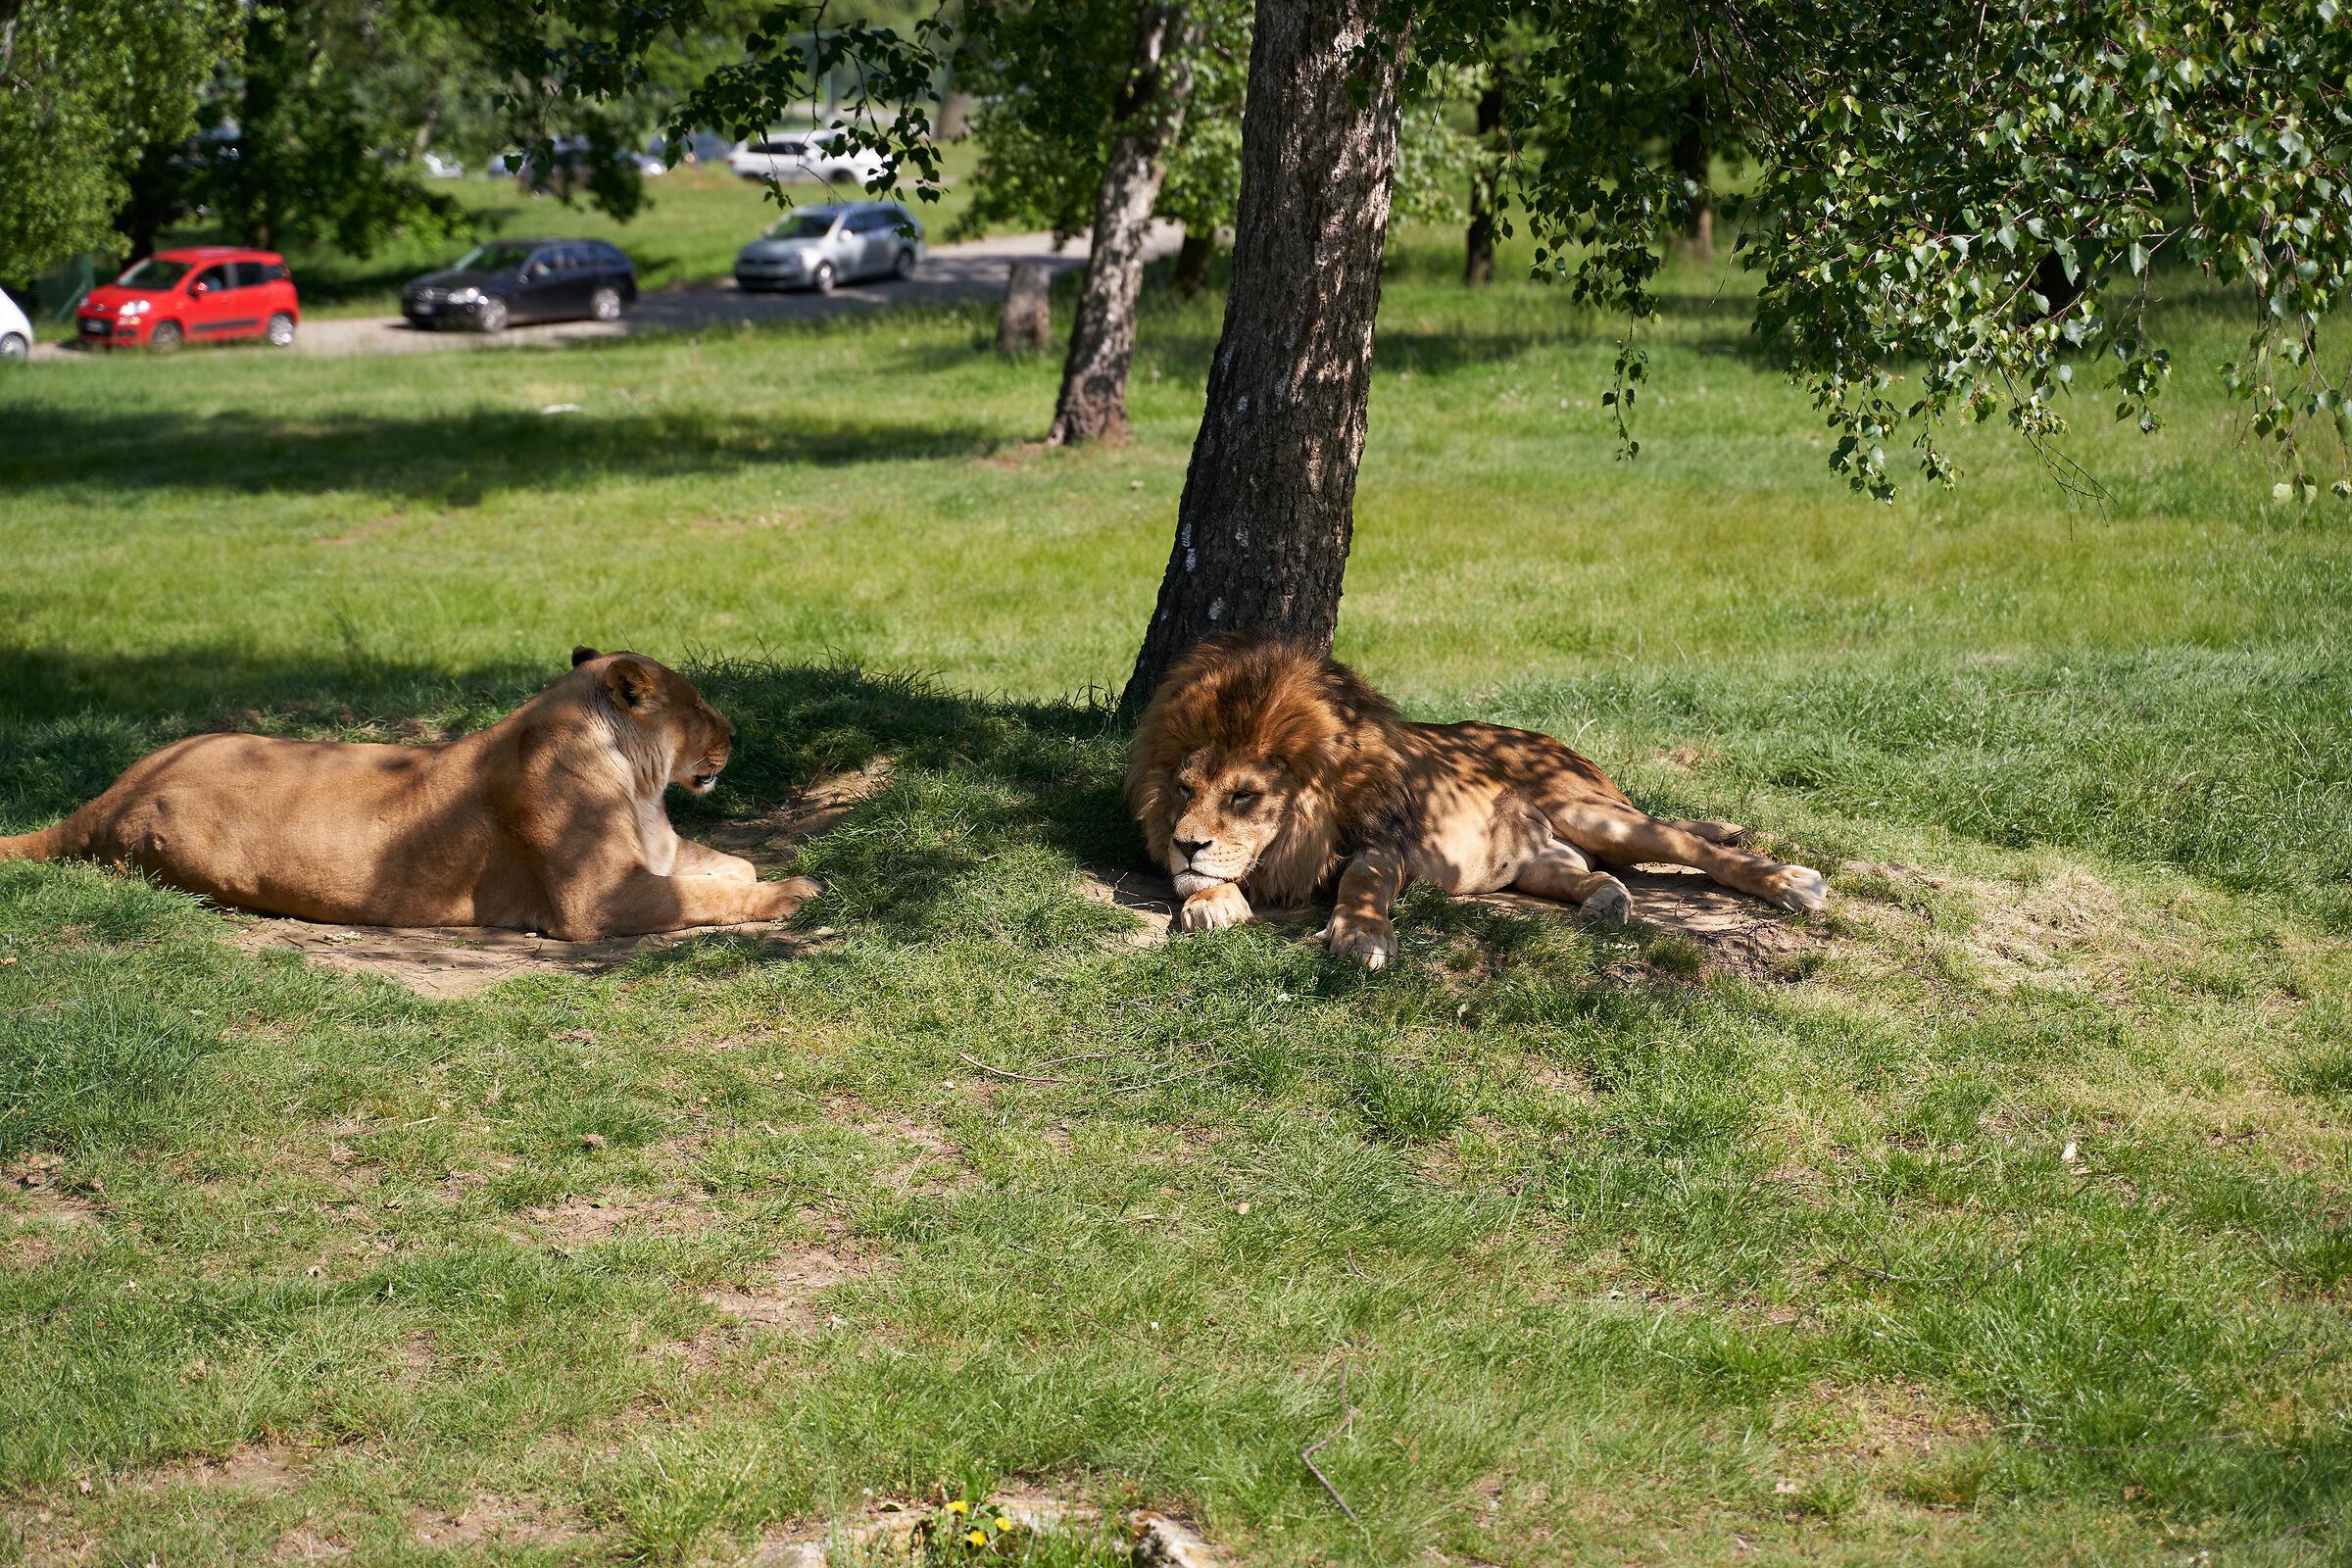 Zoo spectators...